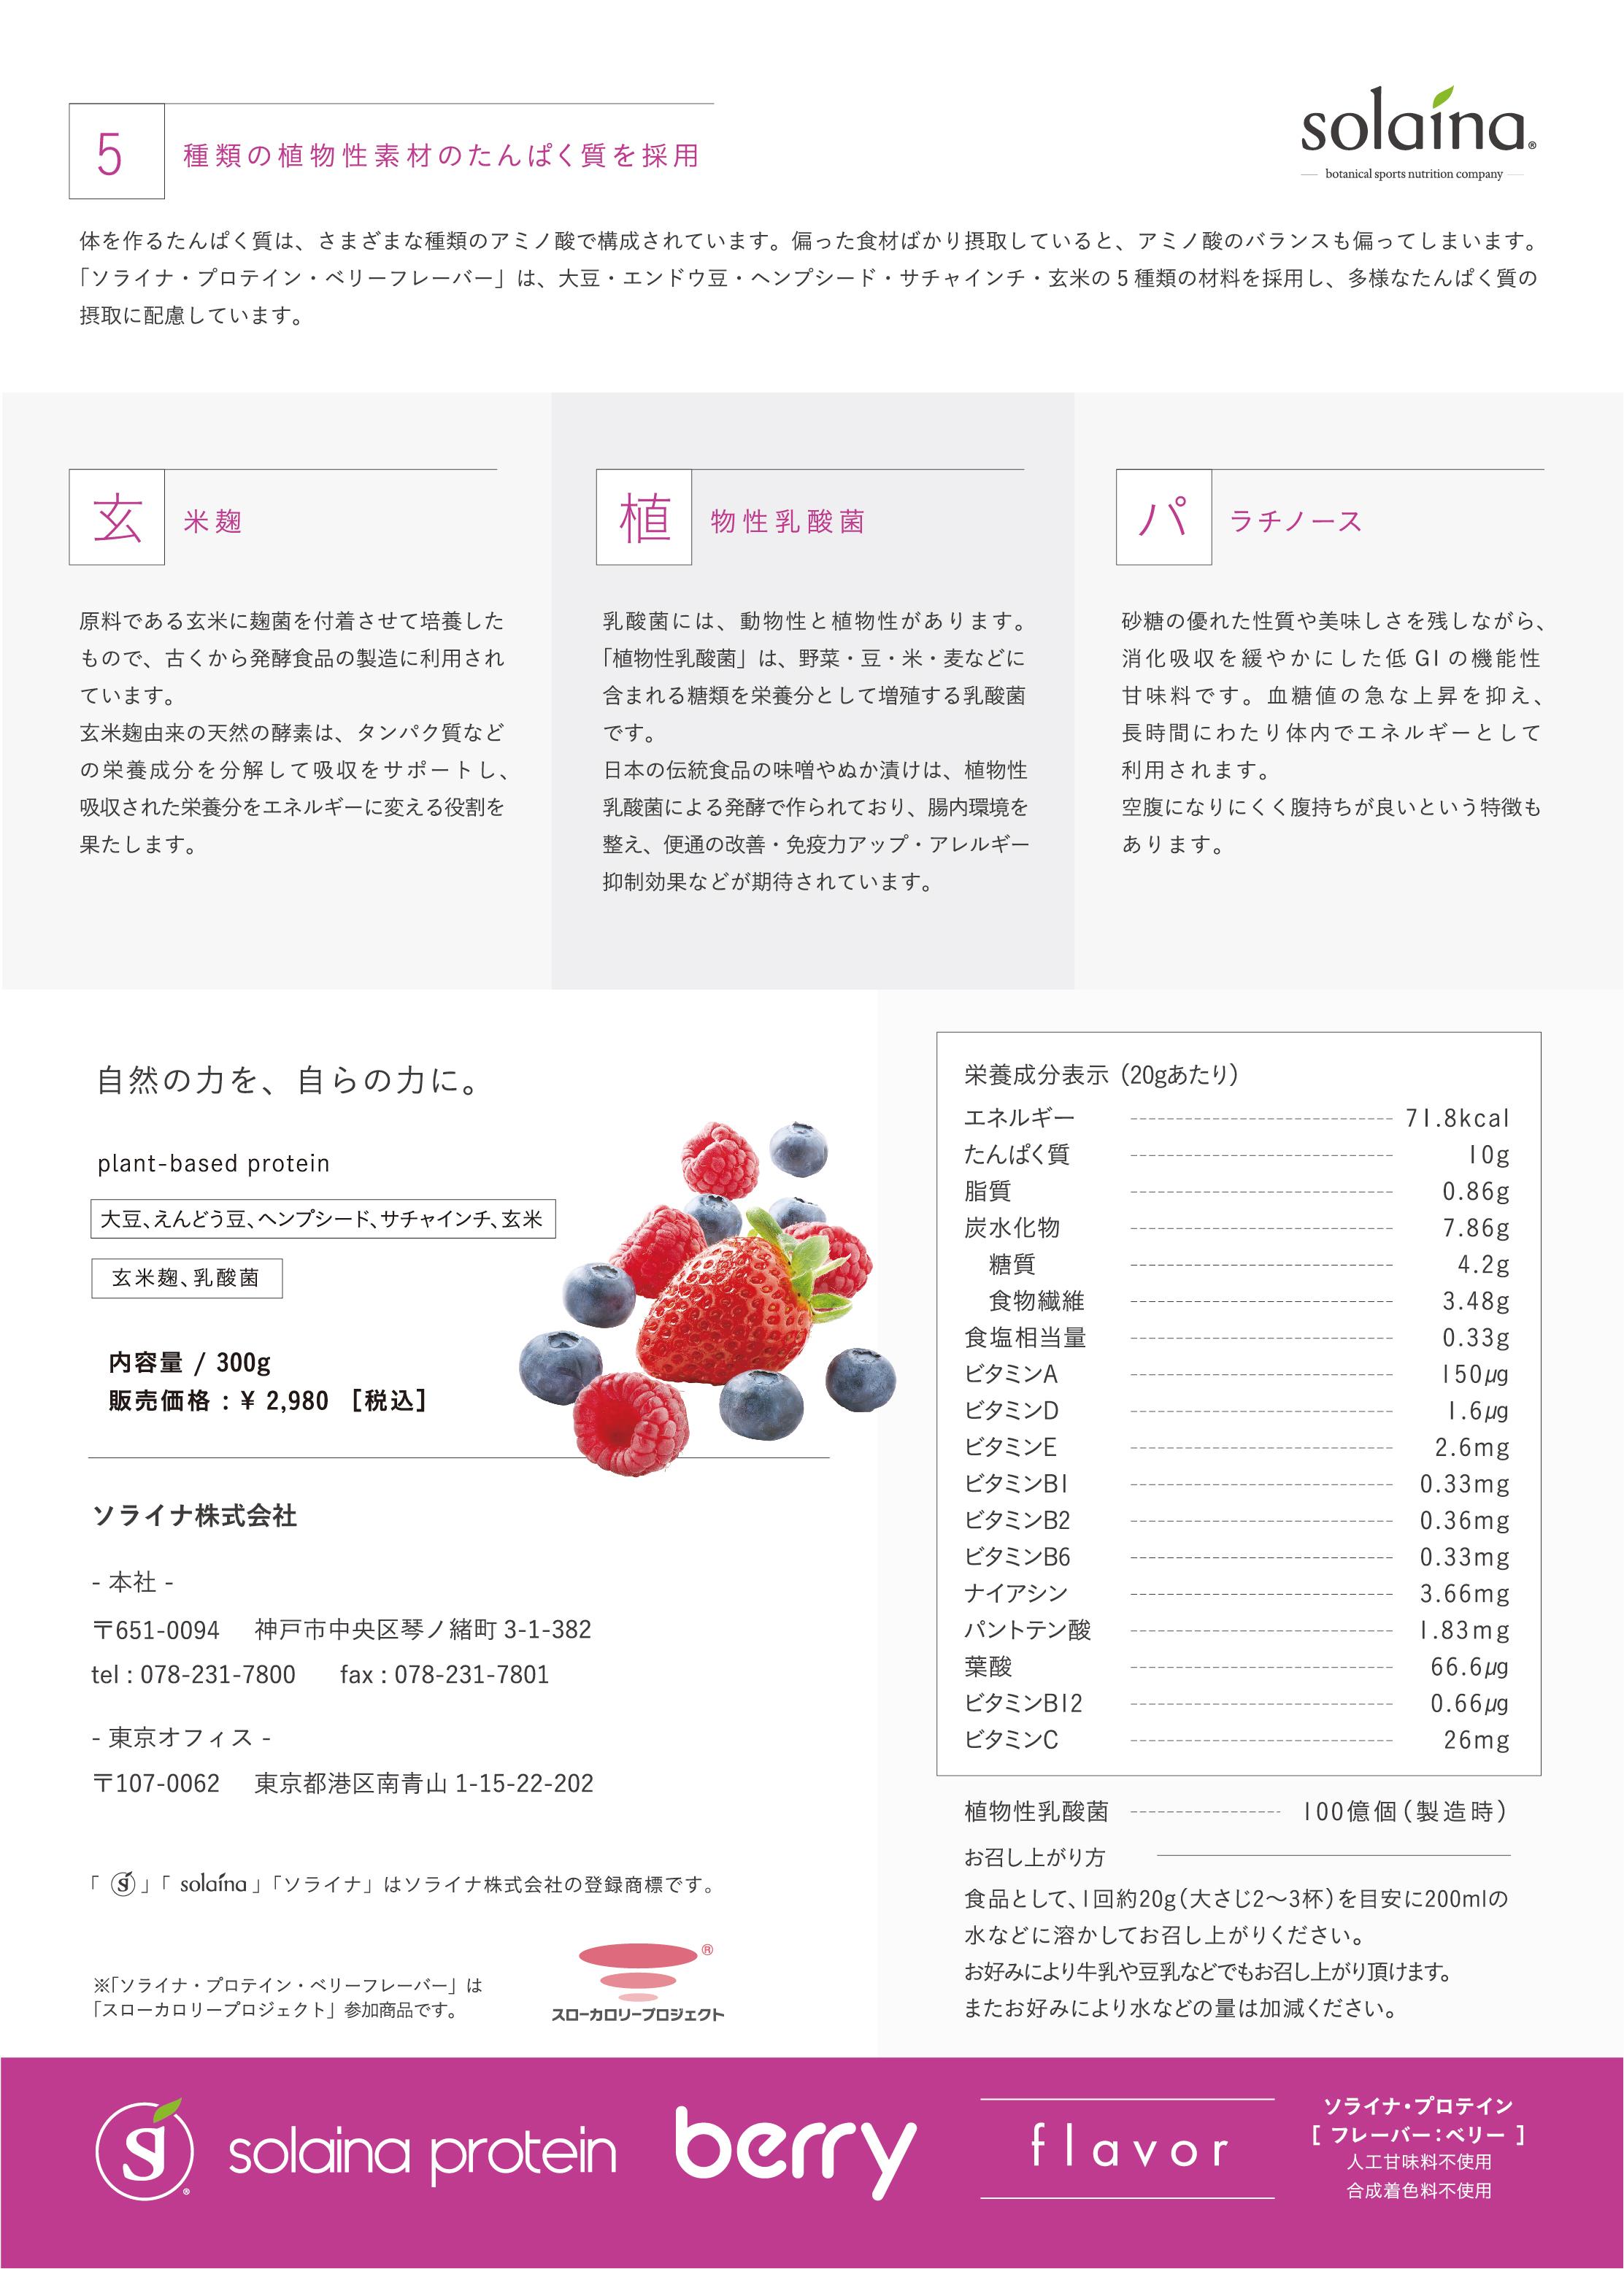 ソライナ・プロテイン[ベリー味]シングルパック20g(¥398/袋[税別])